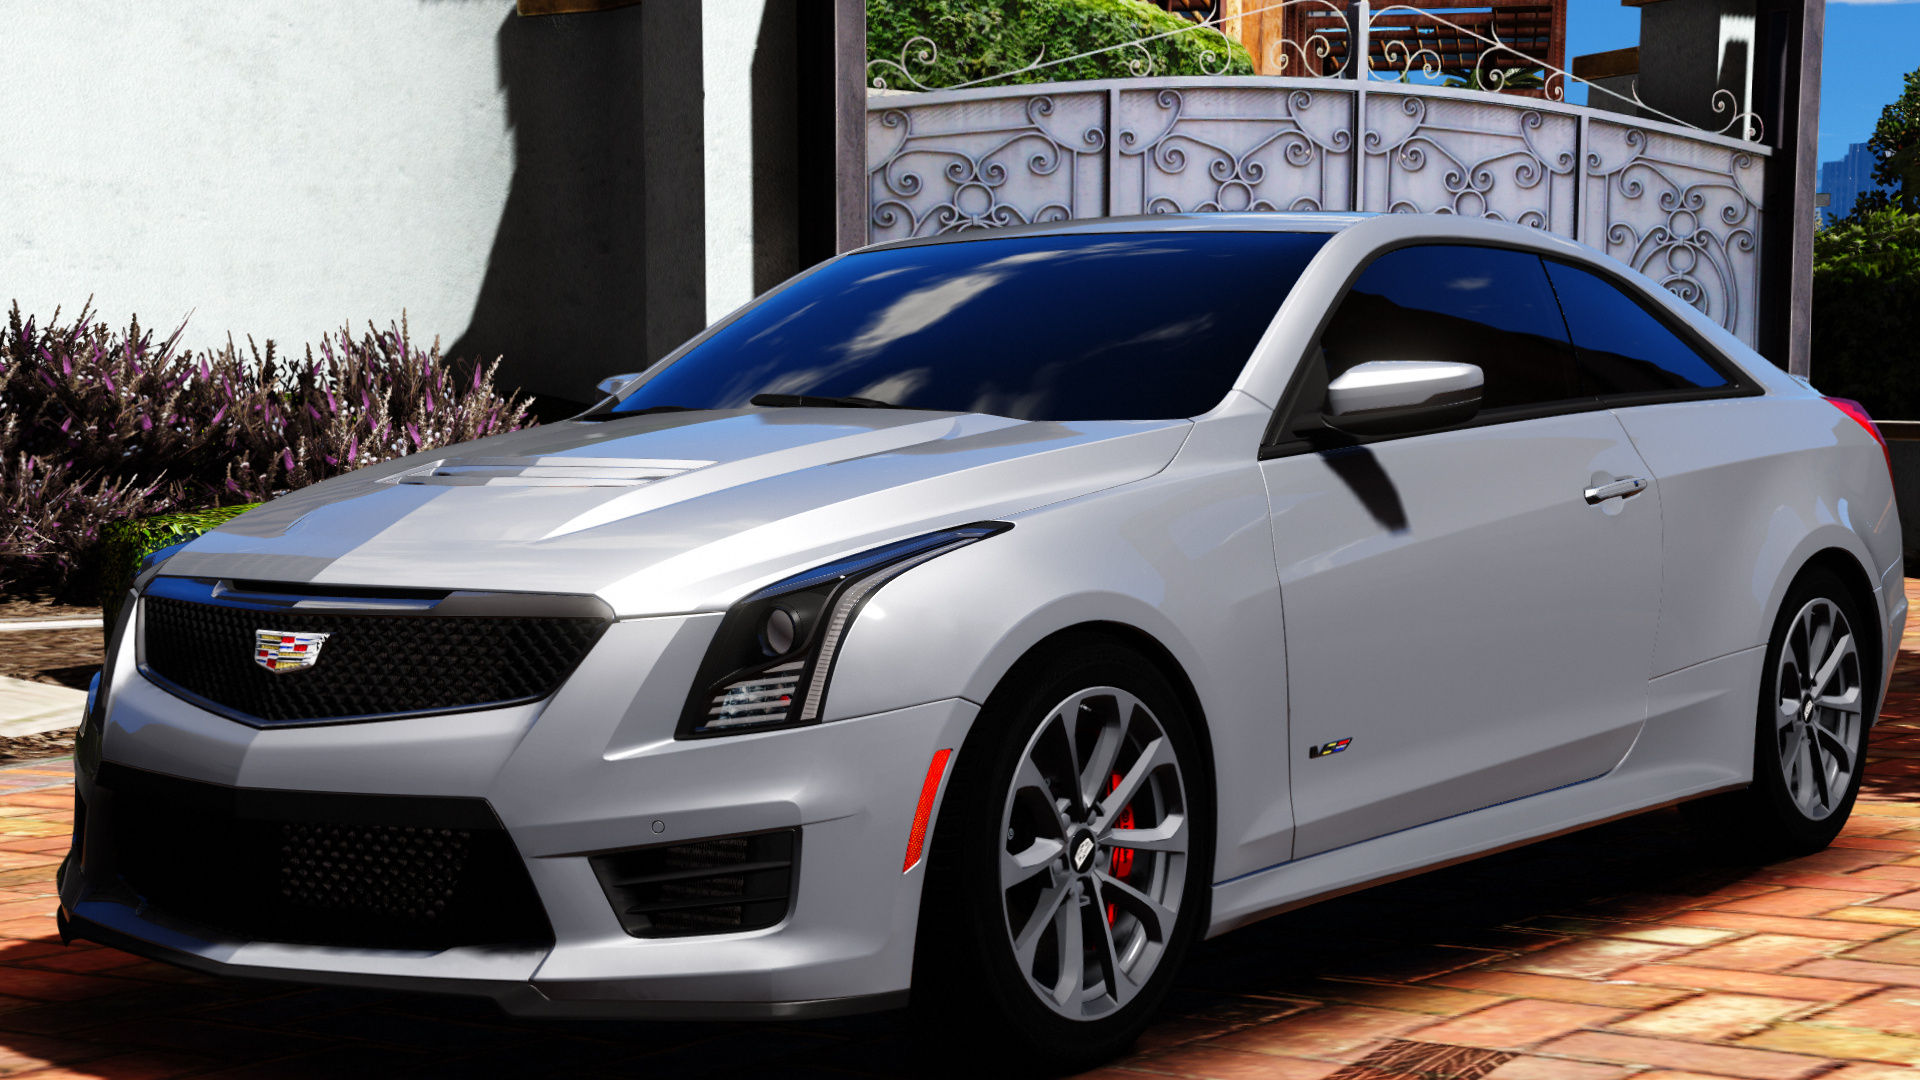 Cadillac Ats V Coupe >> 2016 Cadillac ATS-V Coupe [Add-On / Replace] - GTA5-Mods.com